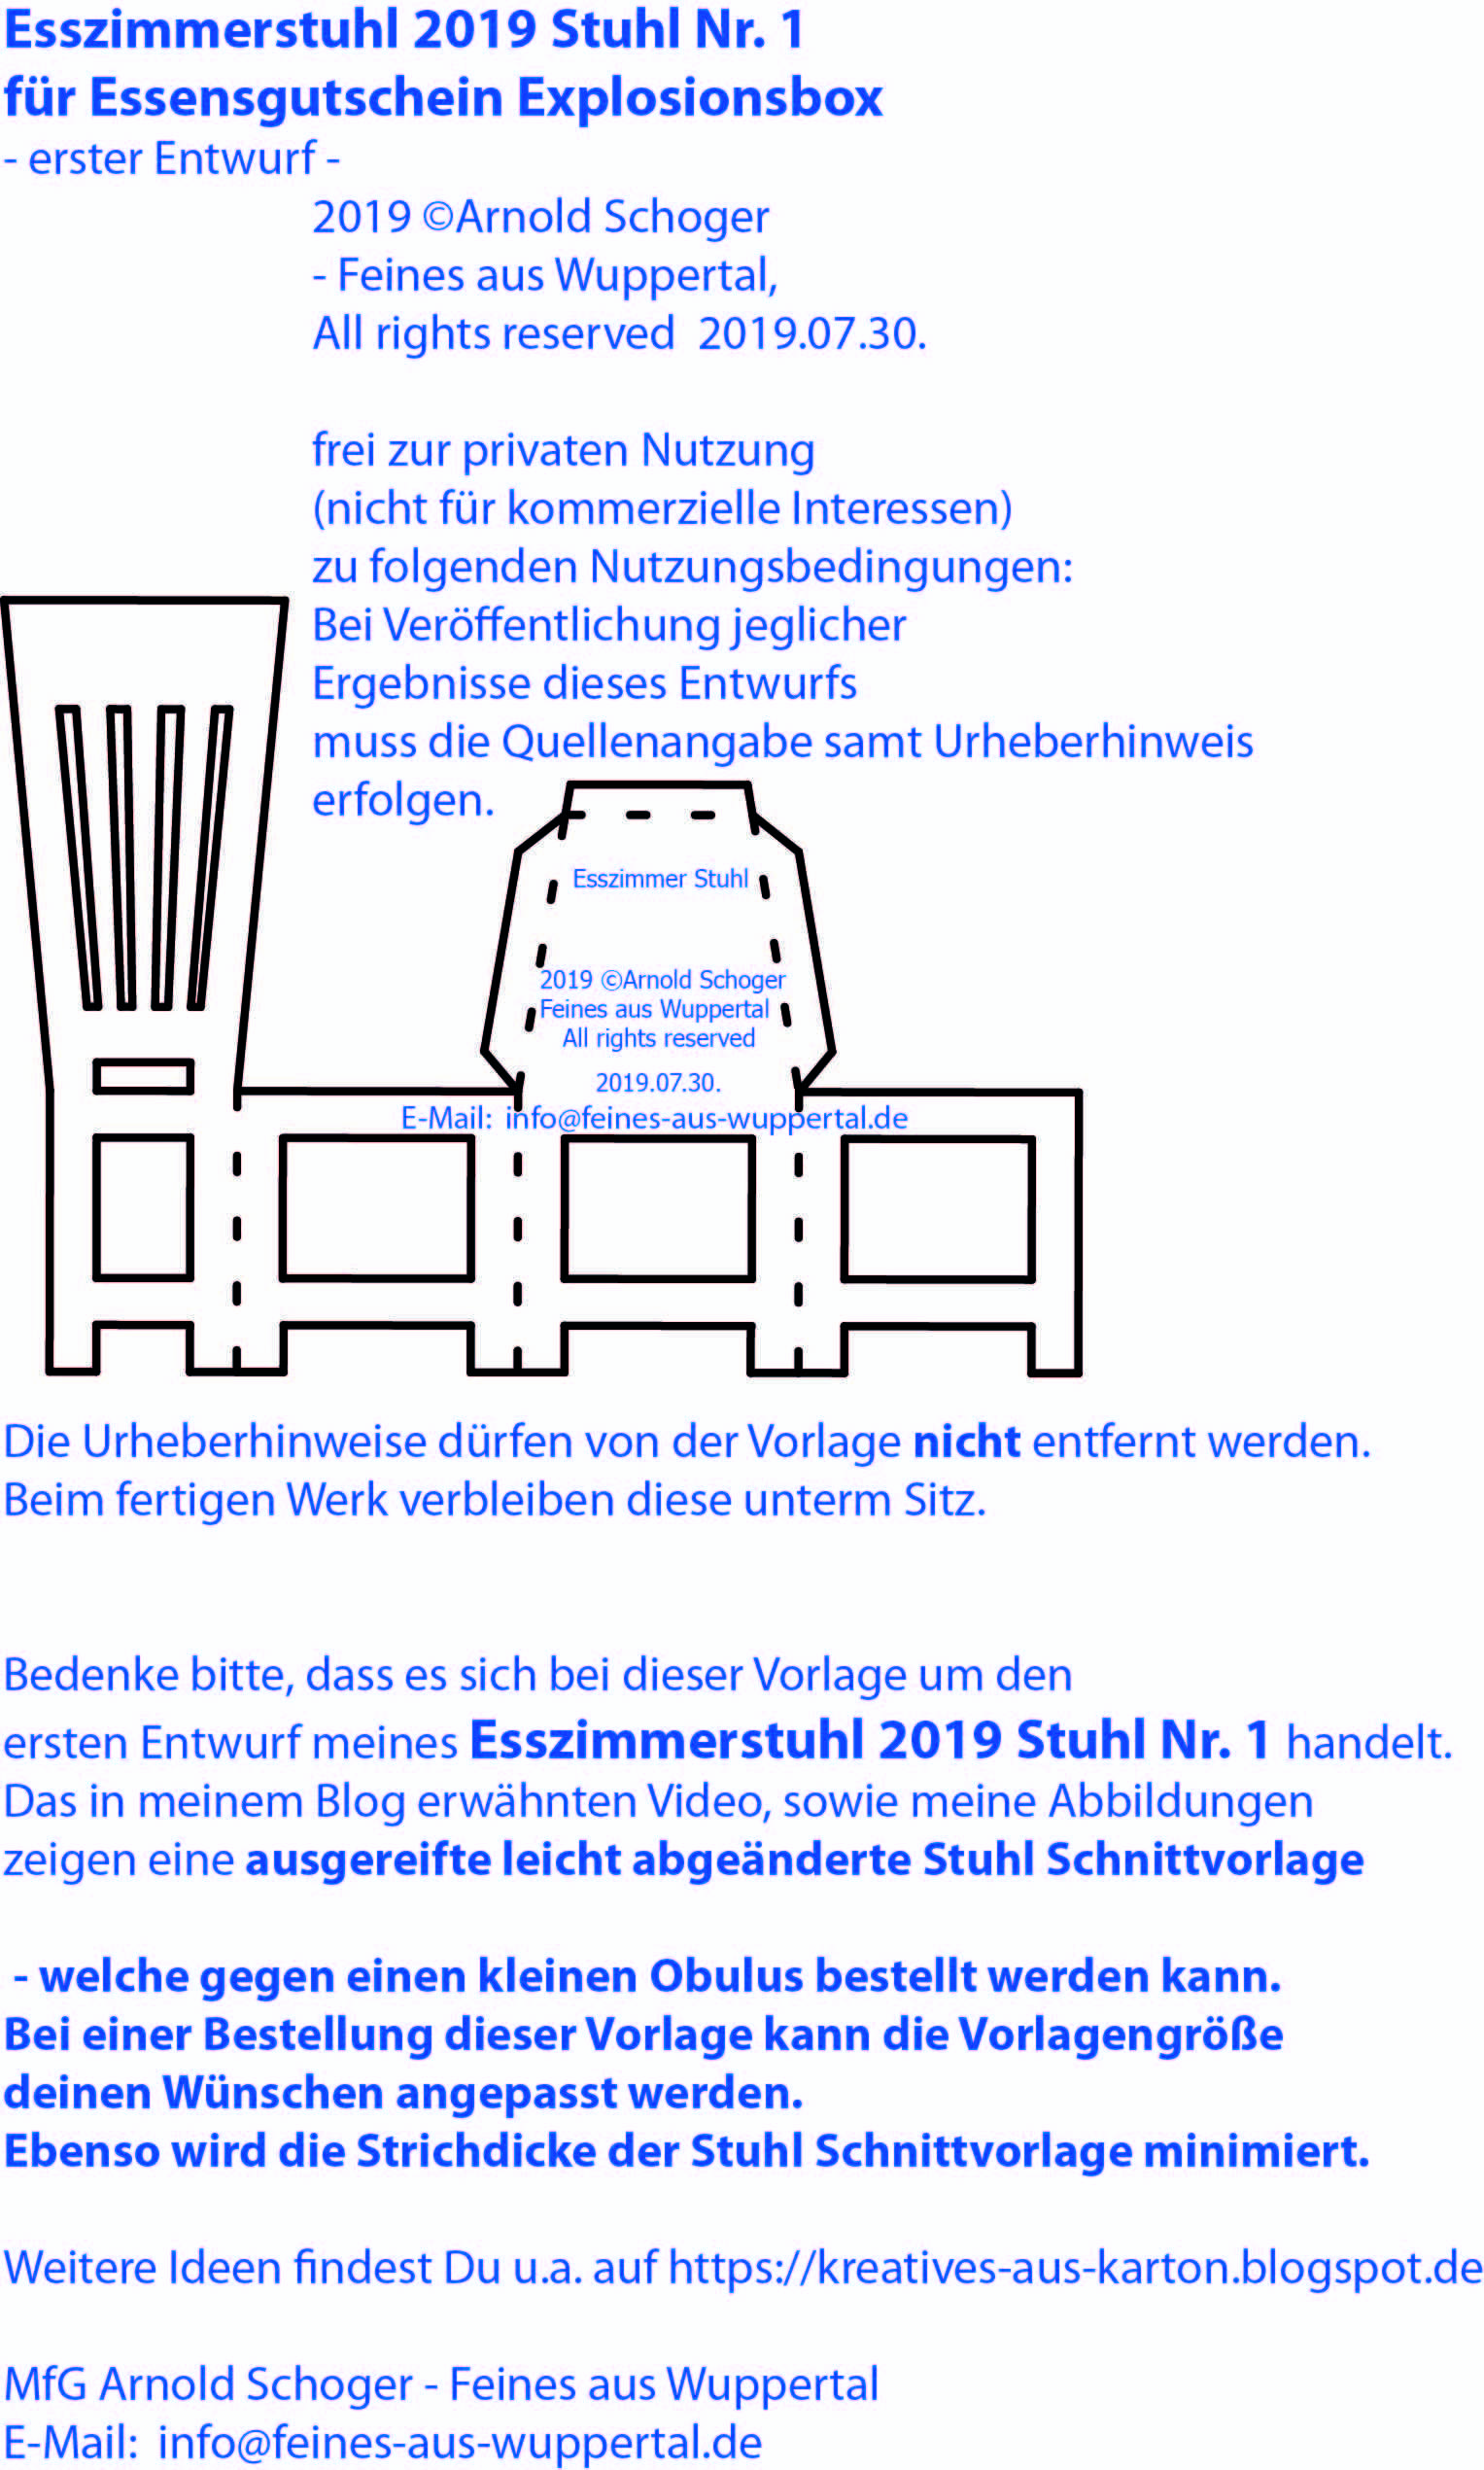 Bastelvorlage Stuhl Nr 1 Dinnergutschein Explosionsbox 2019 C Arnold Schoger Feines Aus Wuppertal Explosionsbox Koffer Basteln Basteln